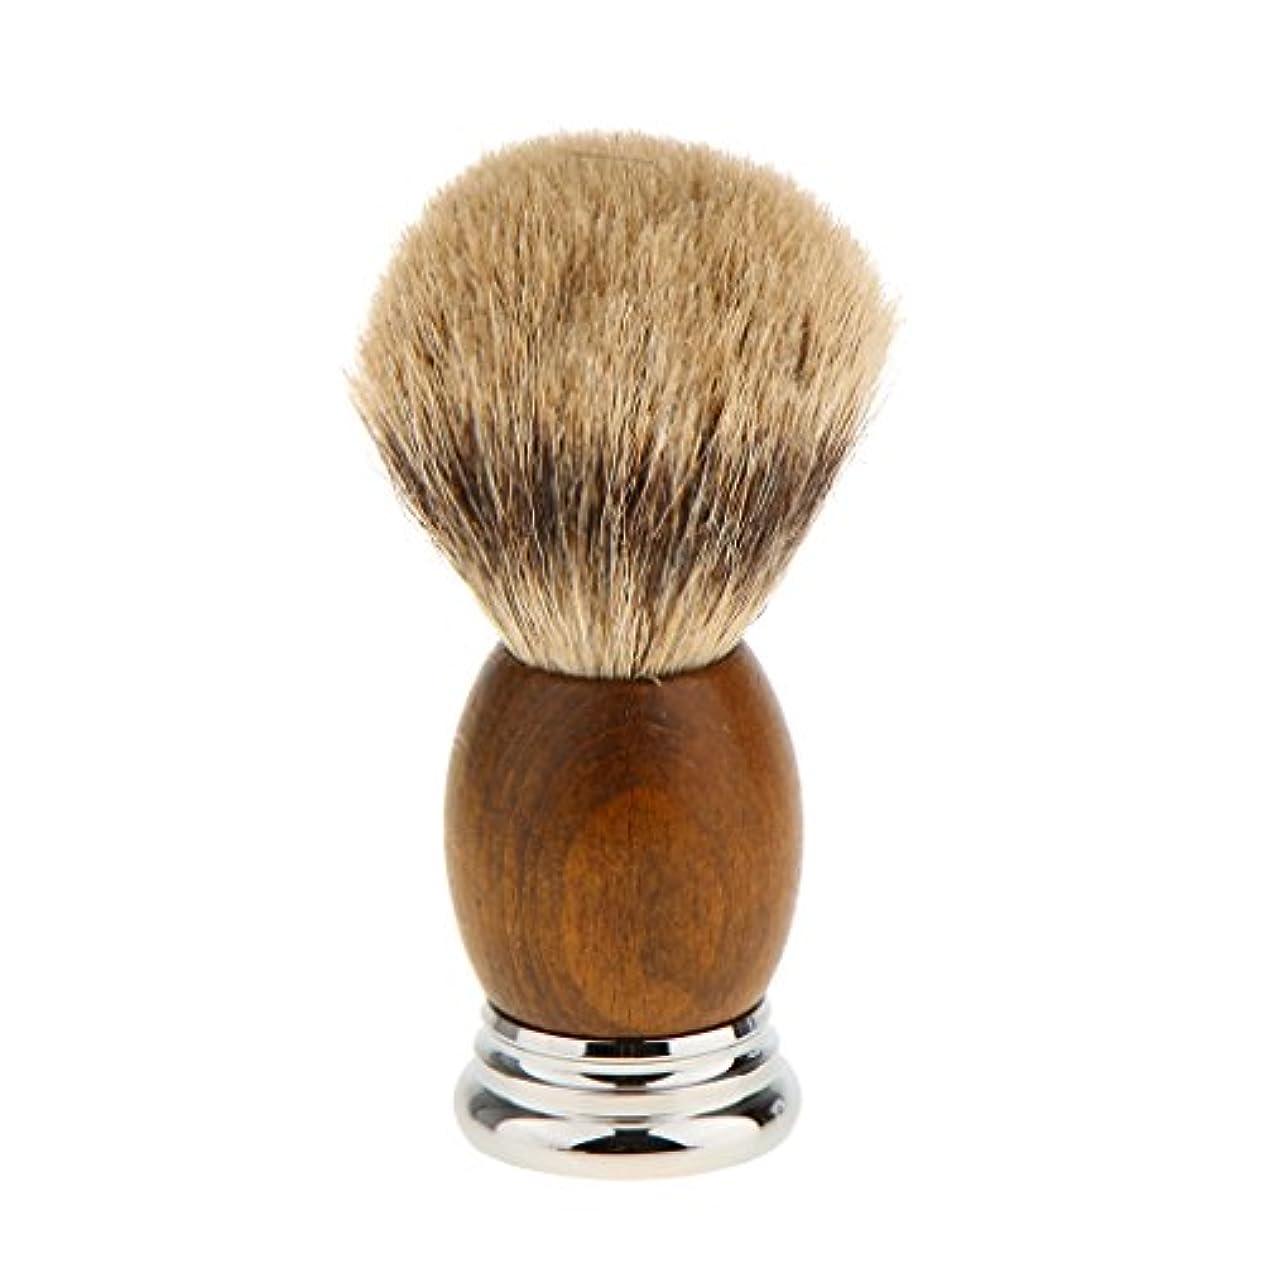 巨大なうねる当社Lovoski 紳士 高密度 シェービングブラシ レトロ 木製ハンドル 髭剃り 泡立ち 洗顔ブラシ 父の日